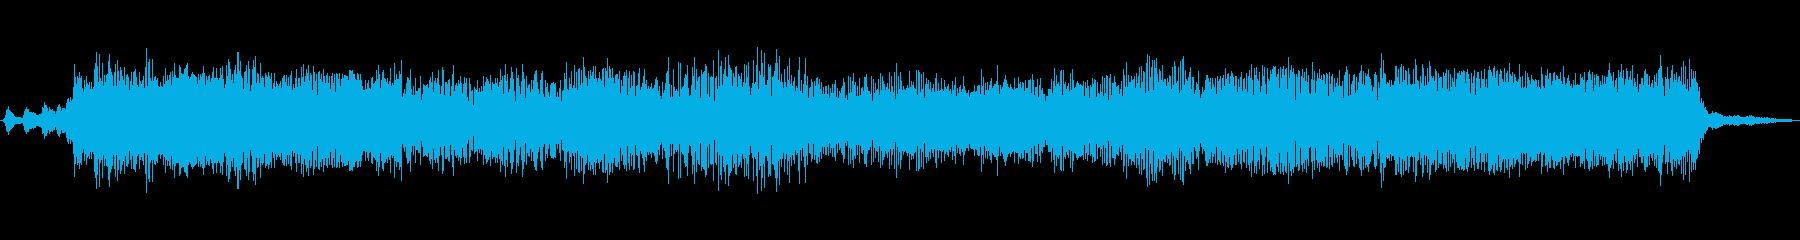 強烈な、歪んだ、複雑なスクリーン:...の再生済みの波形